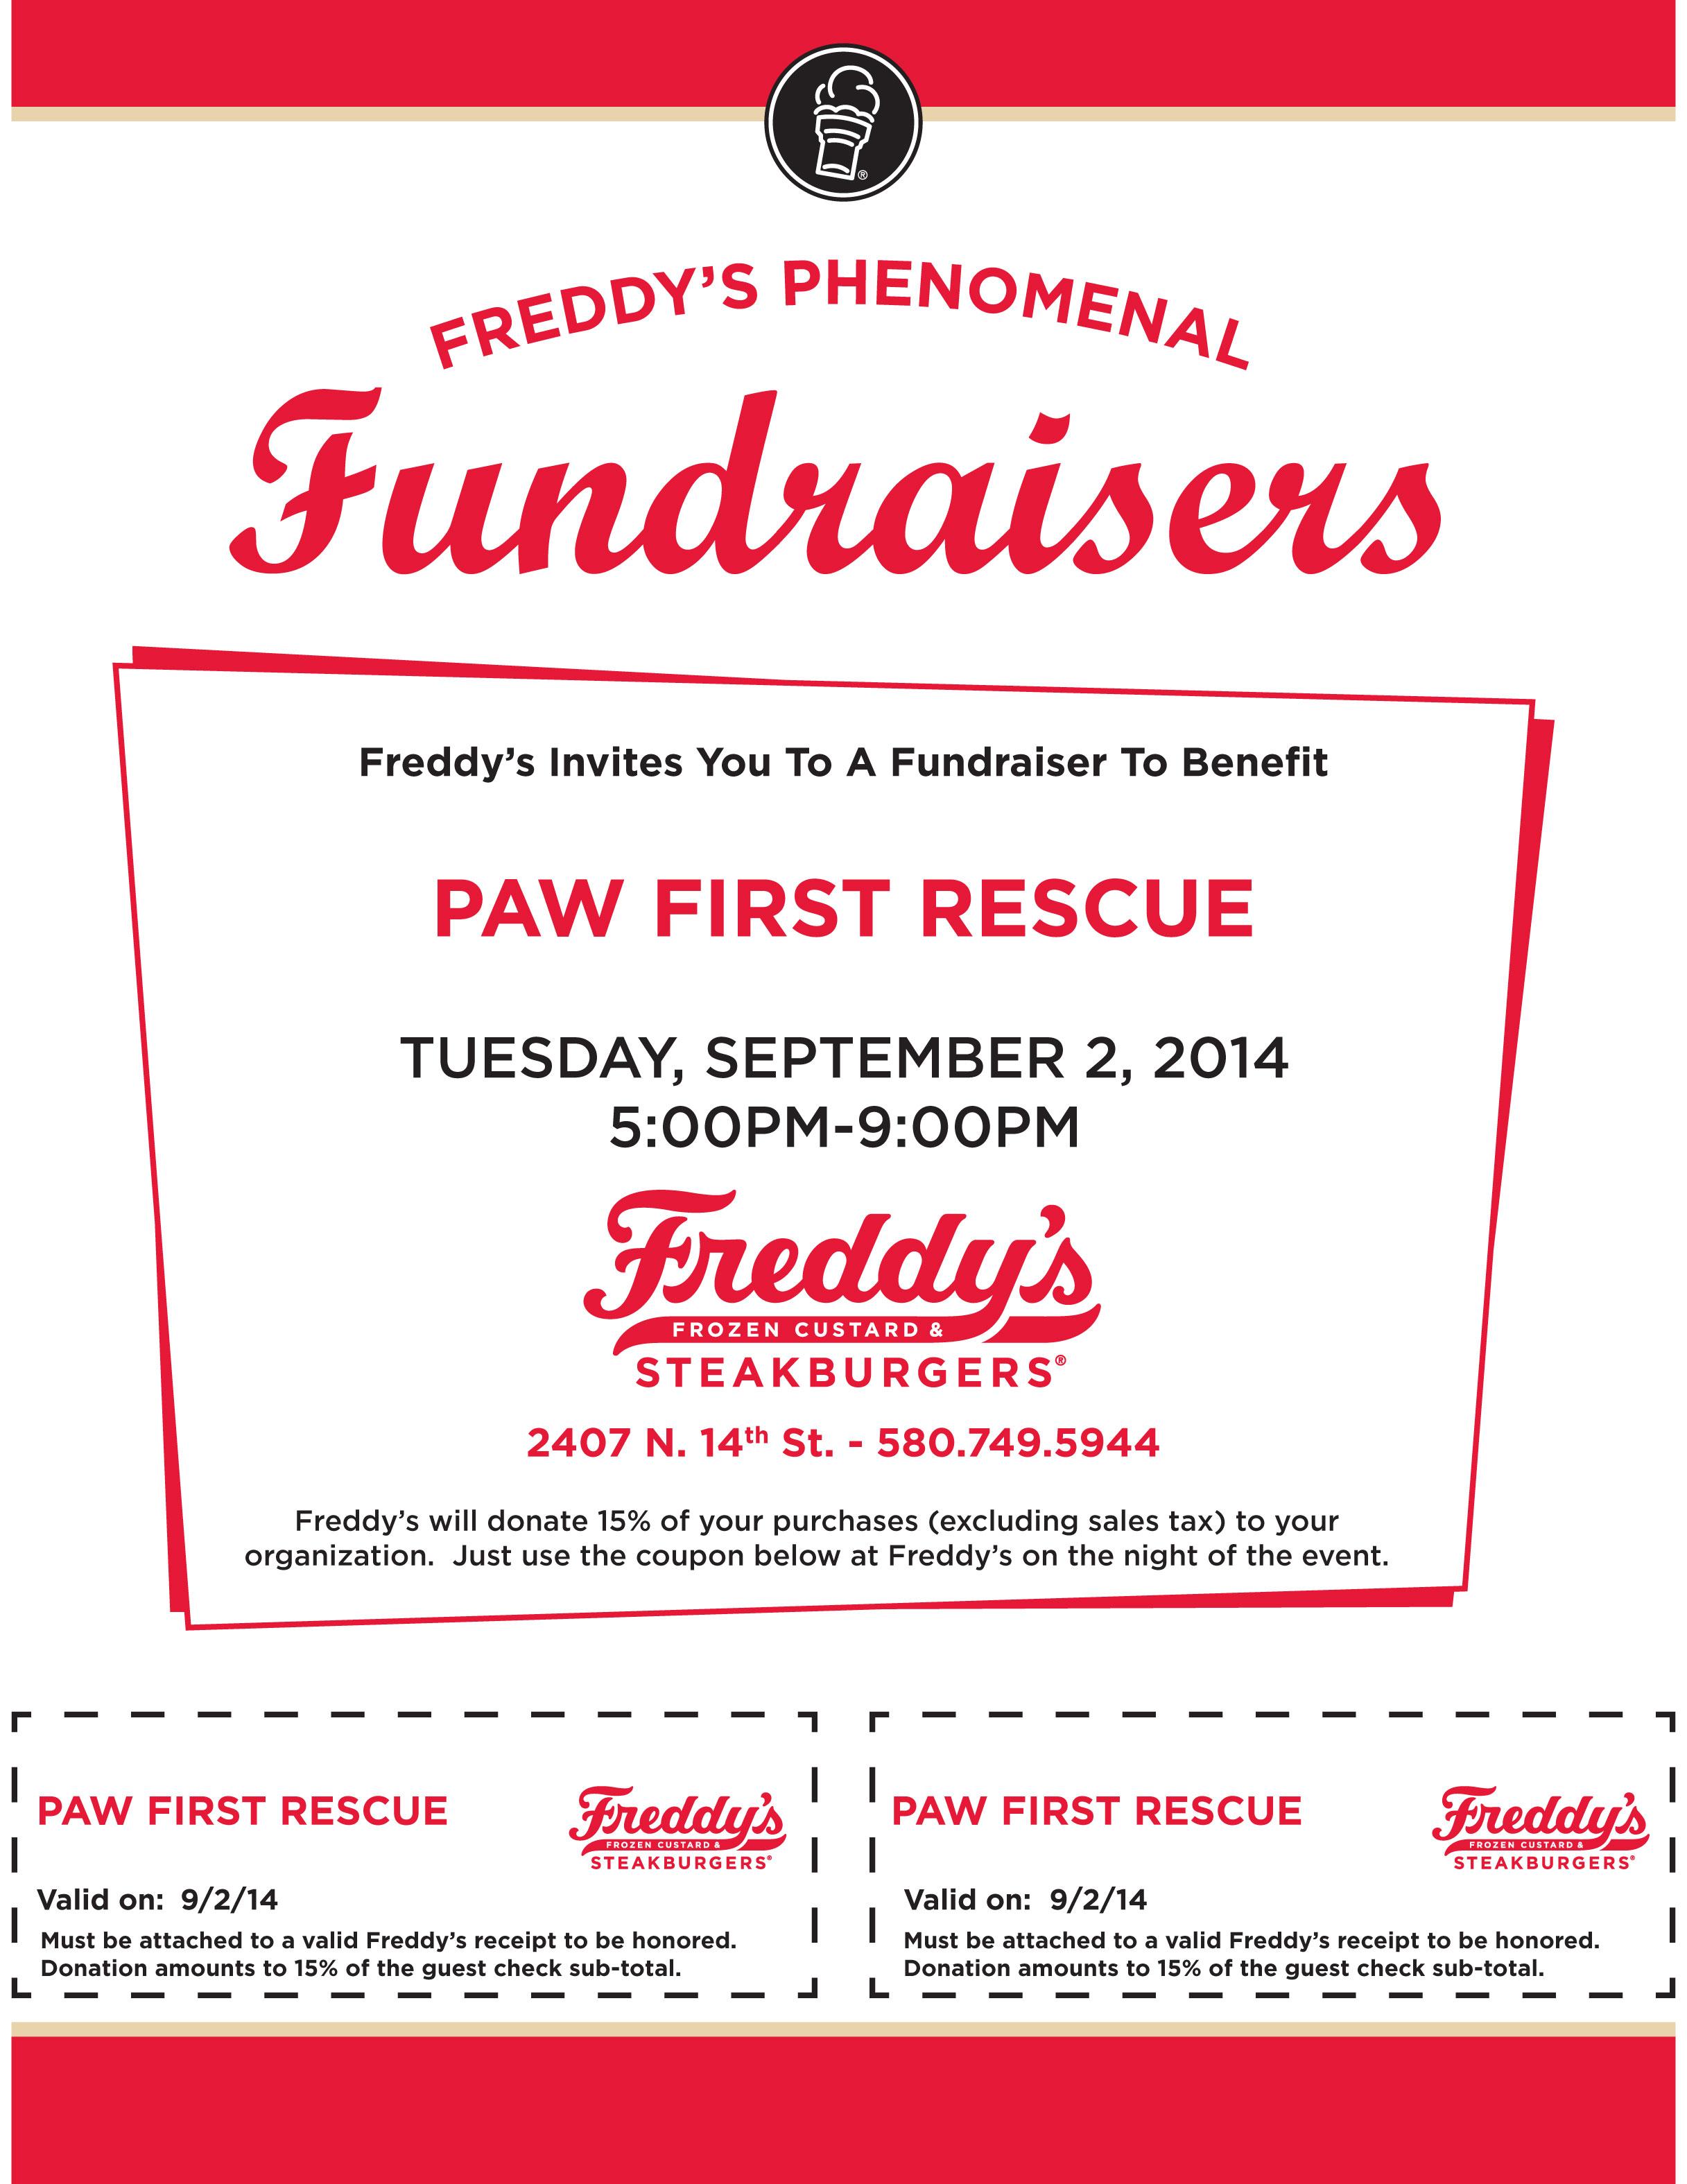 freddys yes fundraiser september